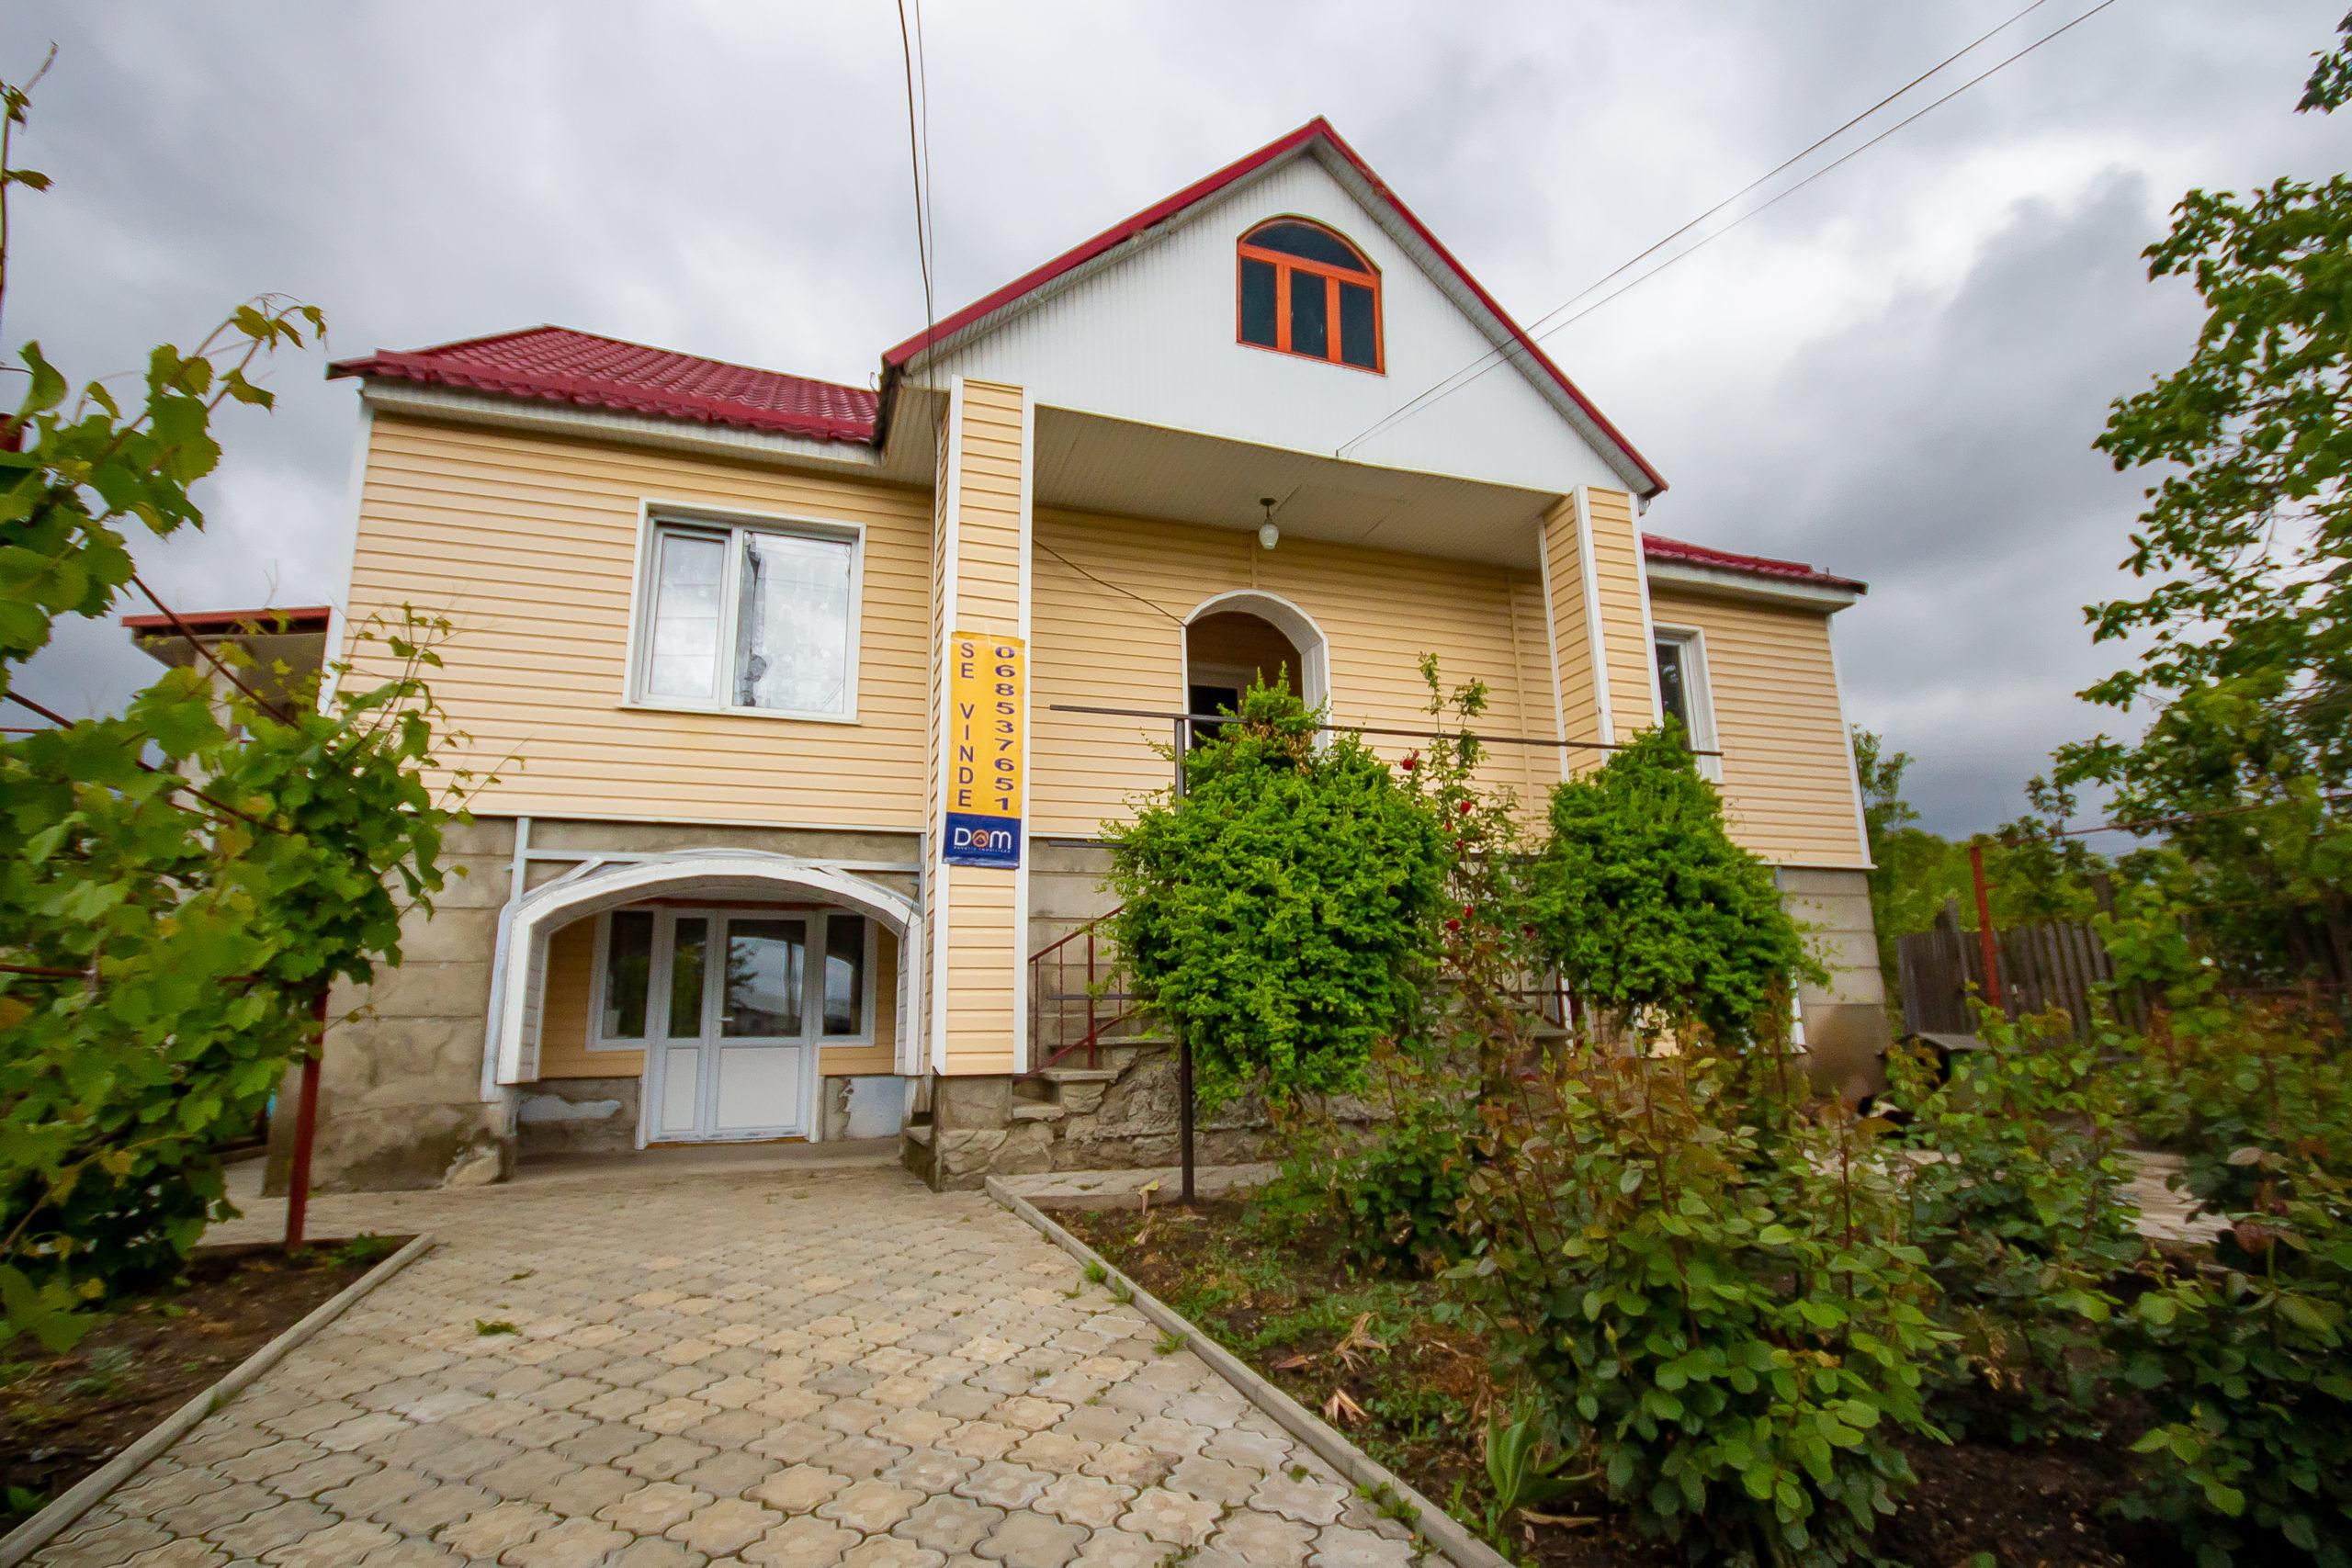 2-х этажный дом, автономное отопление, гараж, 2 кухни, 2 ванные комнаты, 2 террасы, земельный участок 10 соток